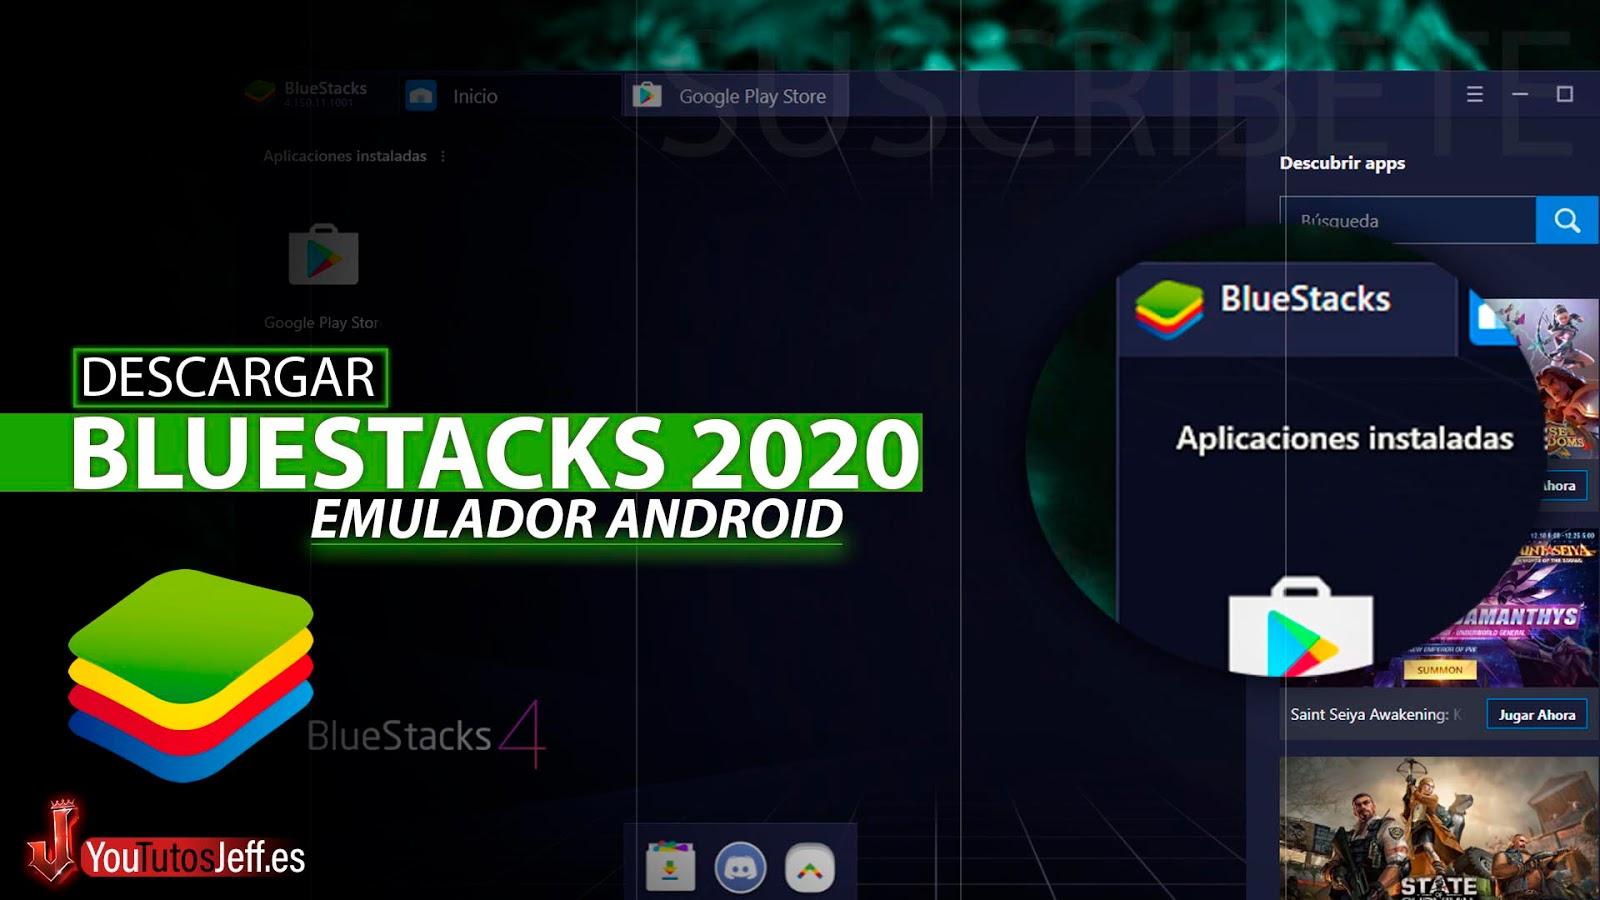 Como Descargar Bluestacks Ultima Versión 2020, El Mejor Emulador Android